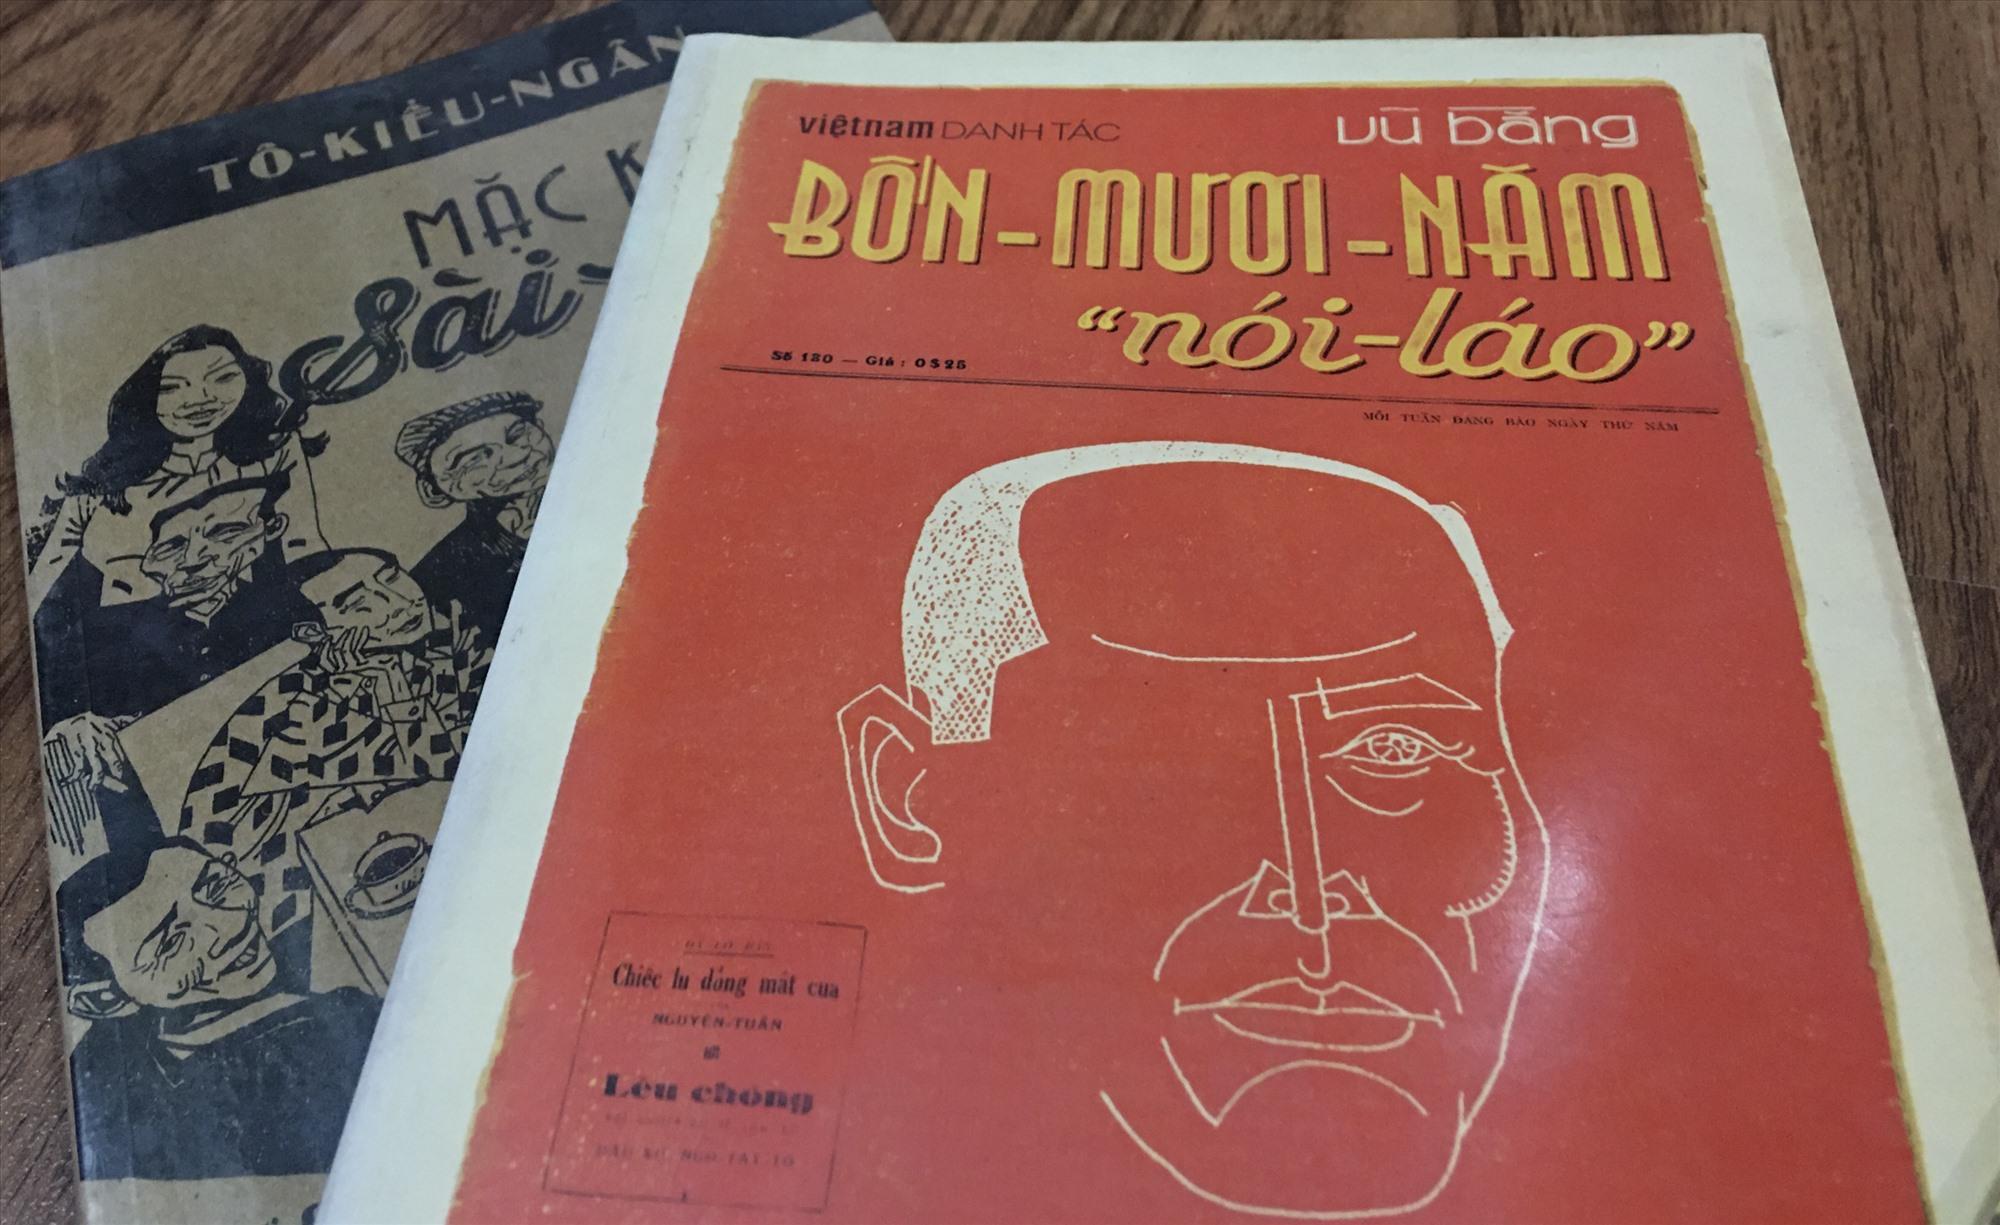 """Bốn mươi năm """"nói láo"""" (Vũ Bằng) và Mặc khách Sài Gòn (Tô Kiều Ngân), 2 tác phẩm nhắc nhiều câu chuyện bên lề của báo chí xưa."""